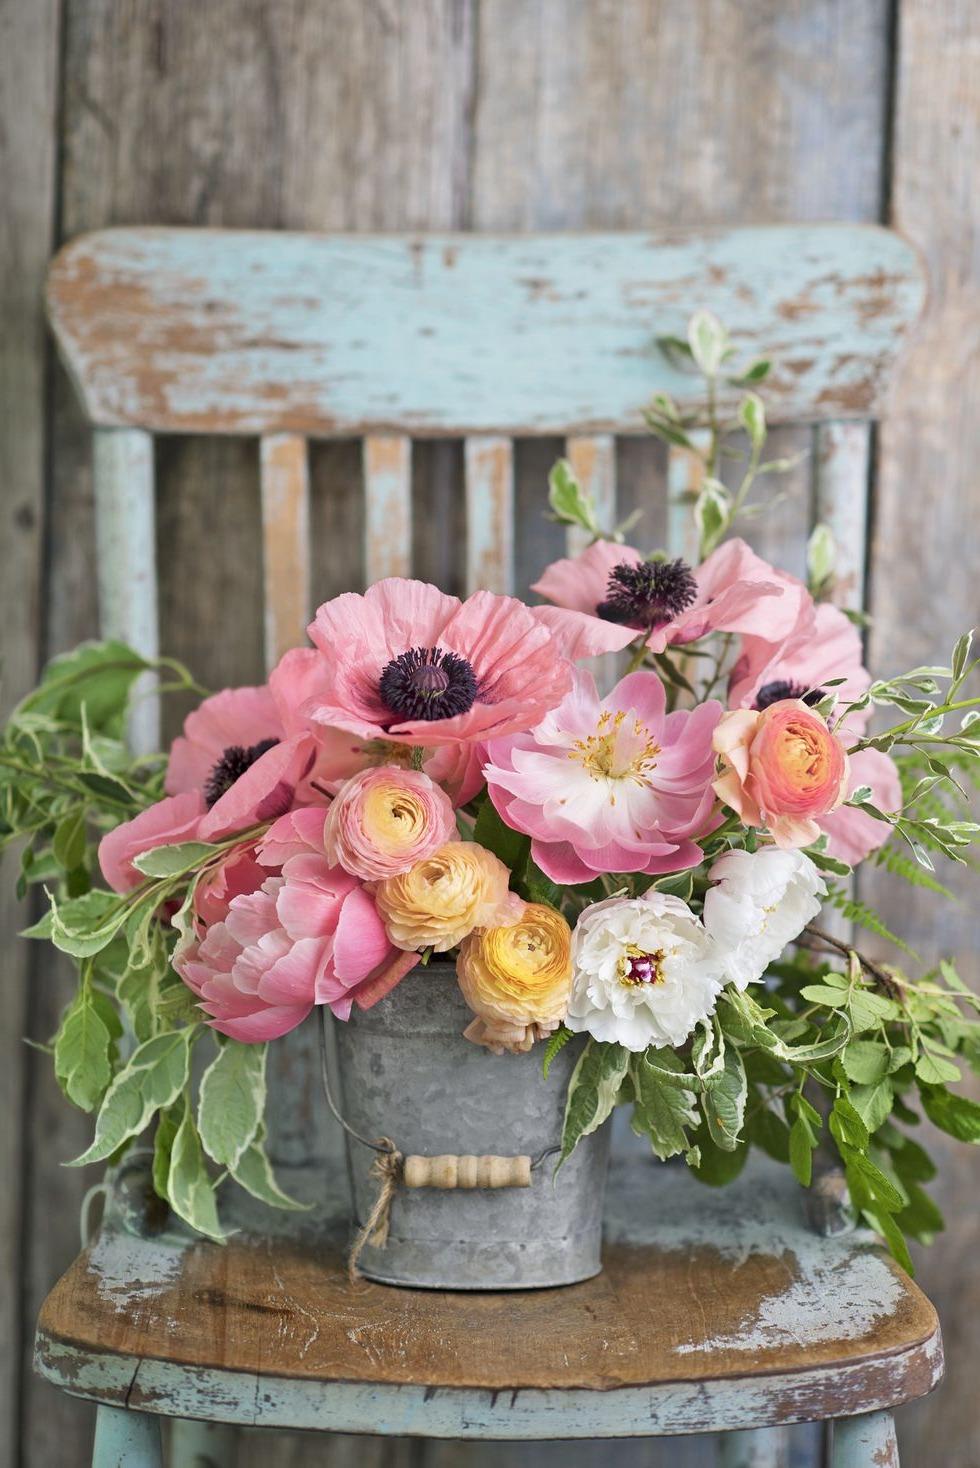 Les fleurs sont une belle décoration pour chaque fête d'anniversaire et ne coûtent pas trop cher.